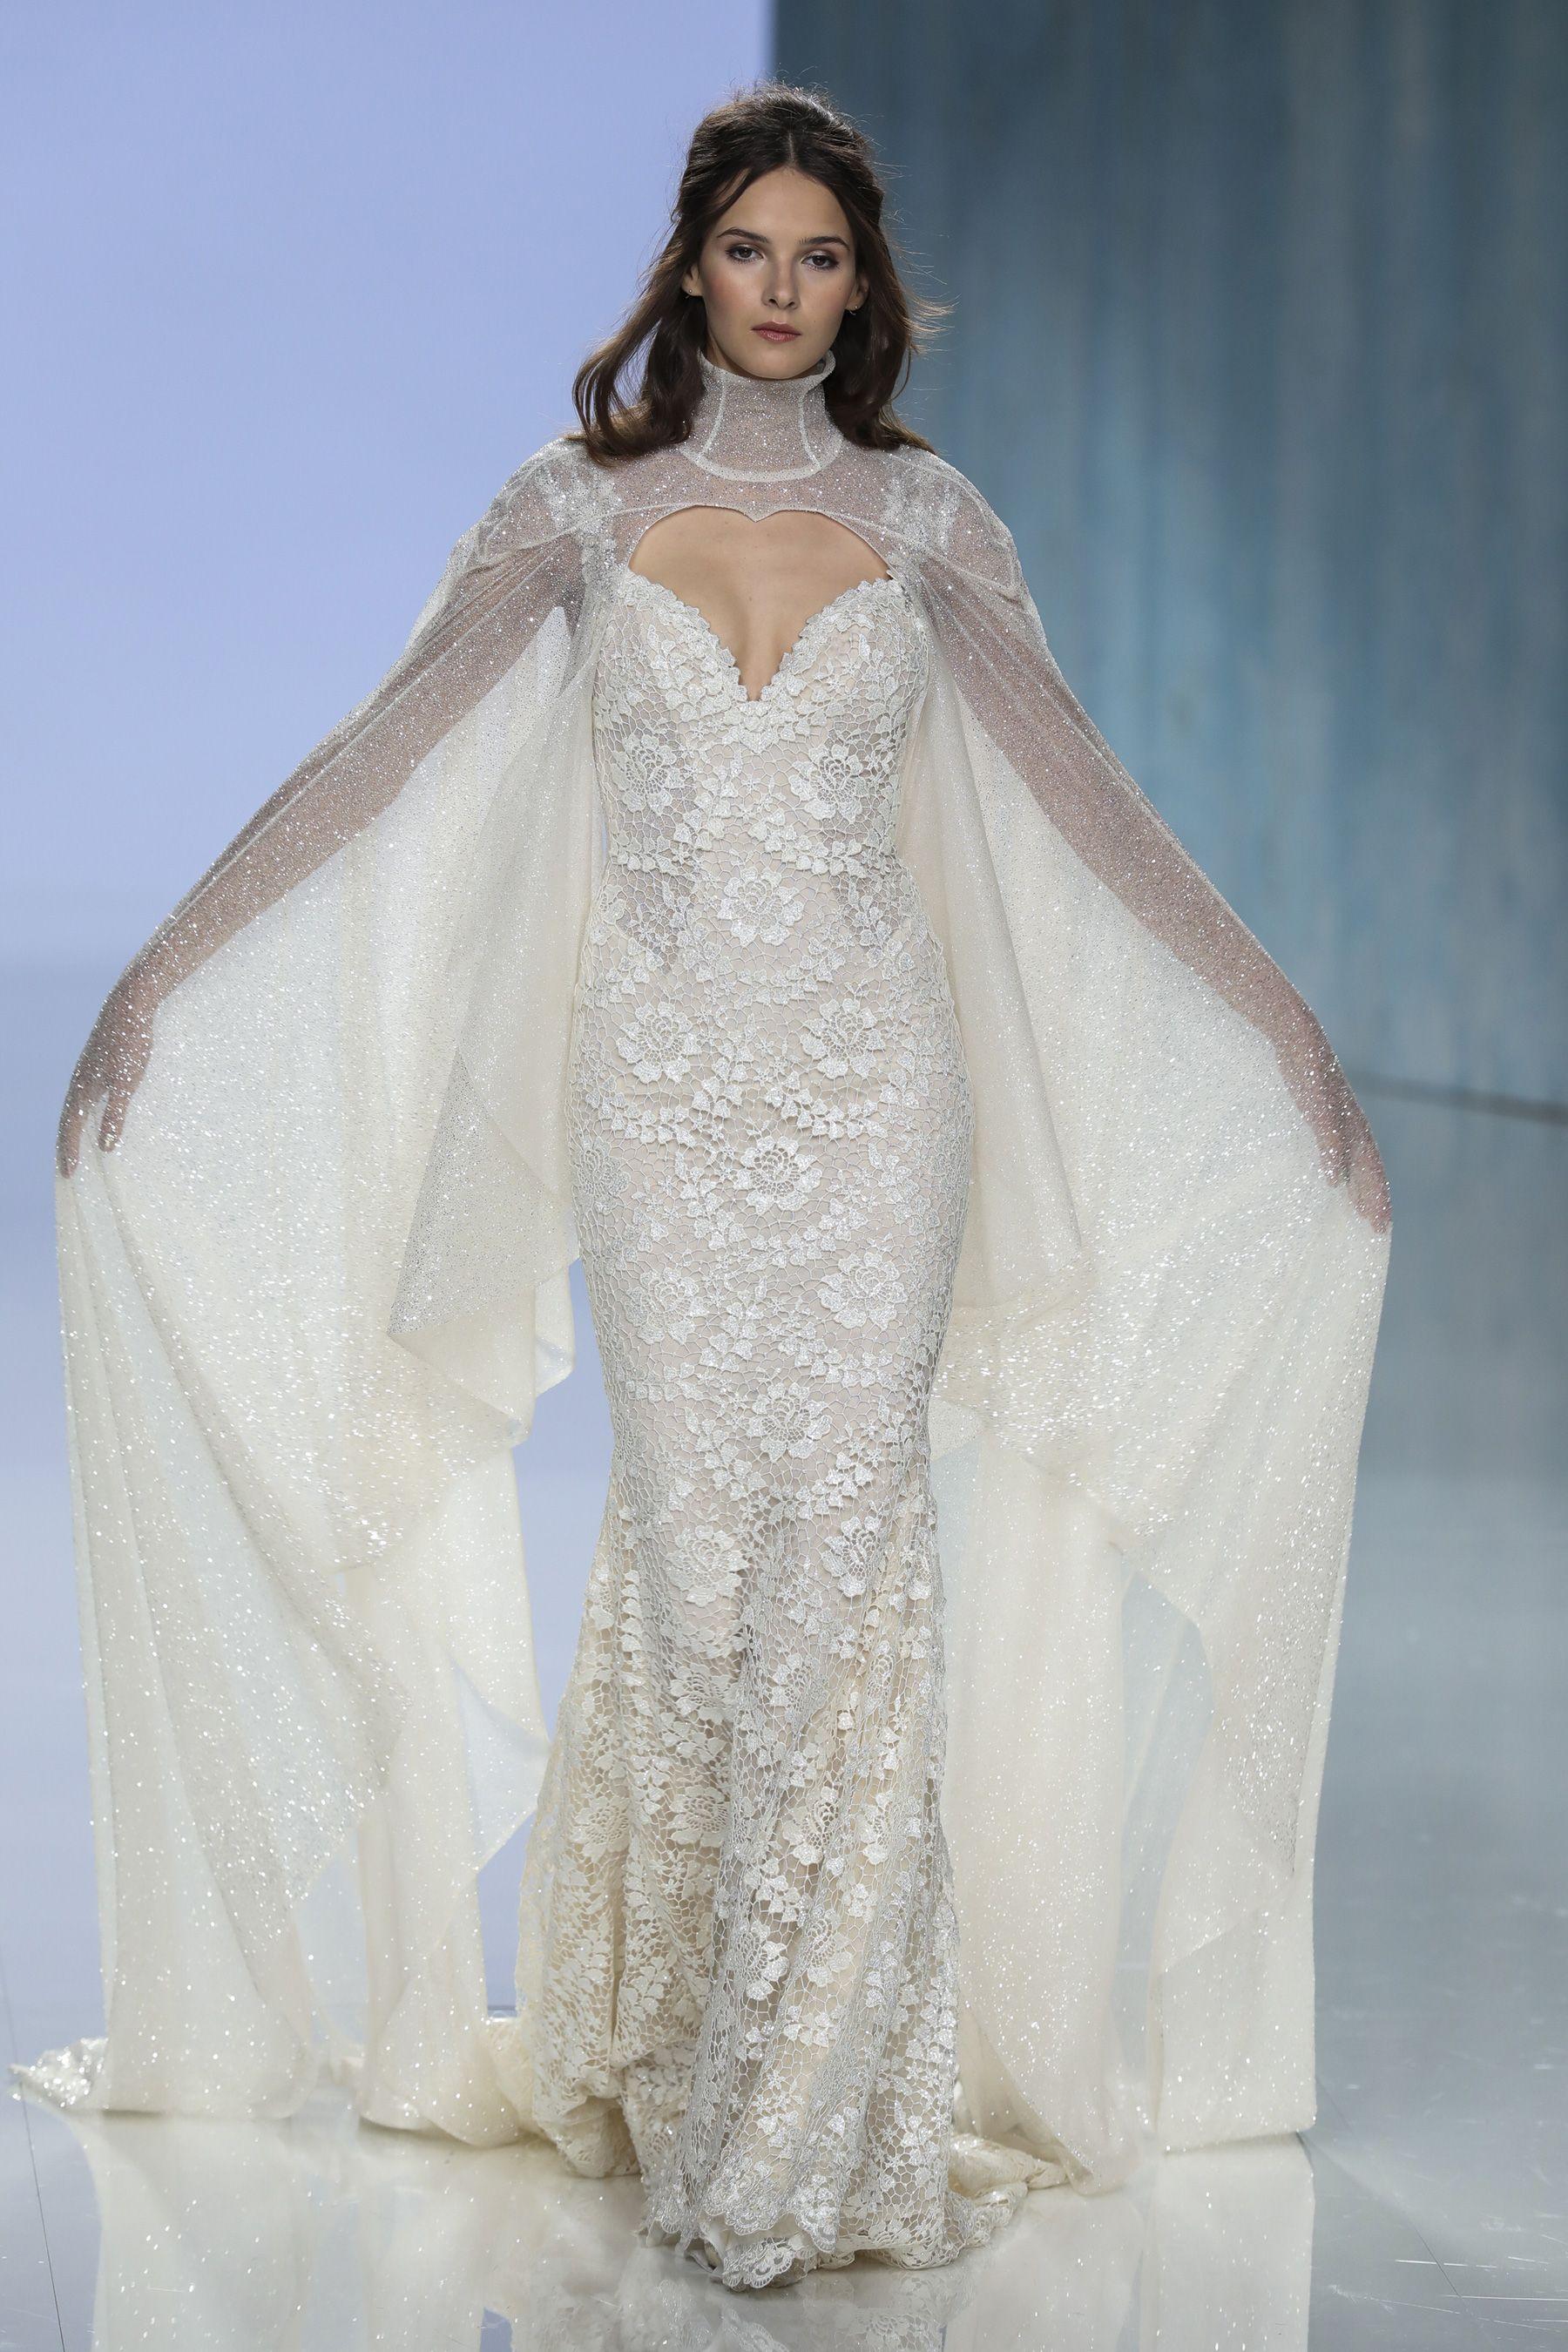 Randy fenoli wedding dresses  Galia Lahav Spring  Bridal The Impression Fashion News